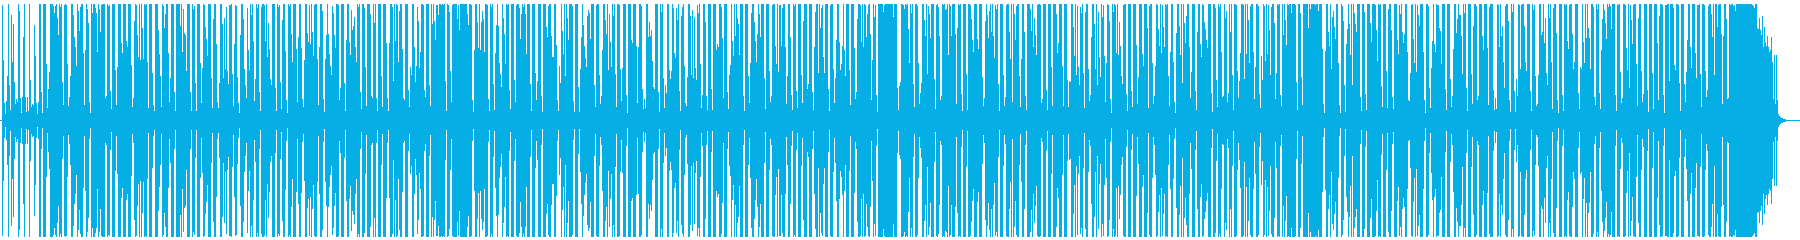 陽気・軽快 アコギブルース【ver2】の再生済みの波形